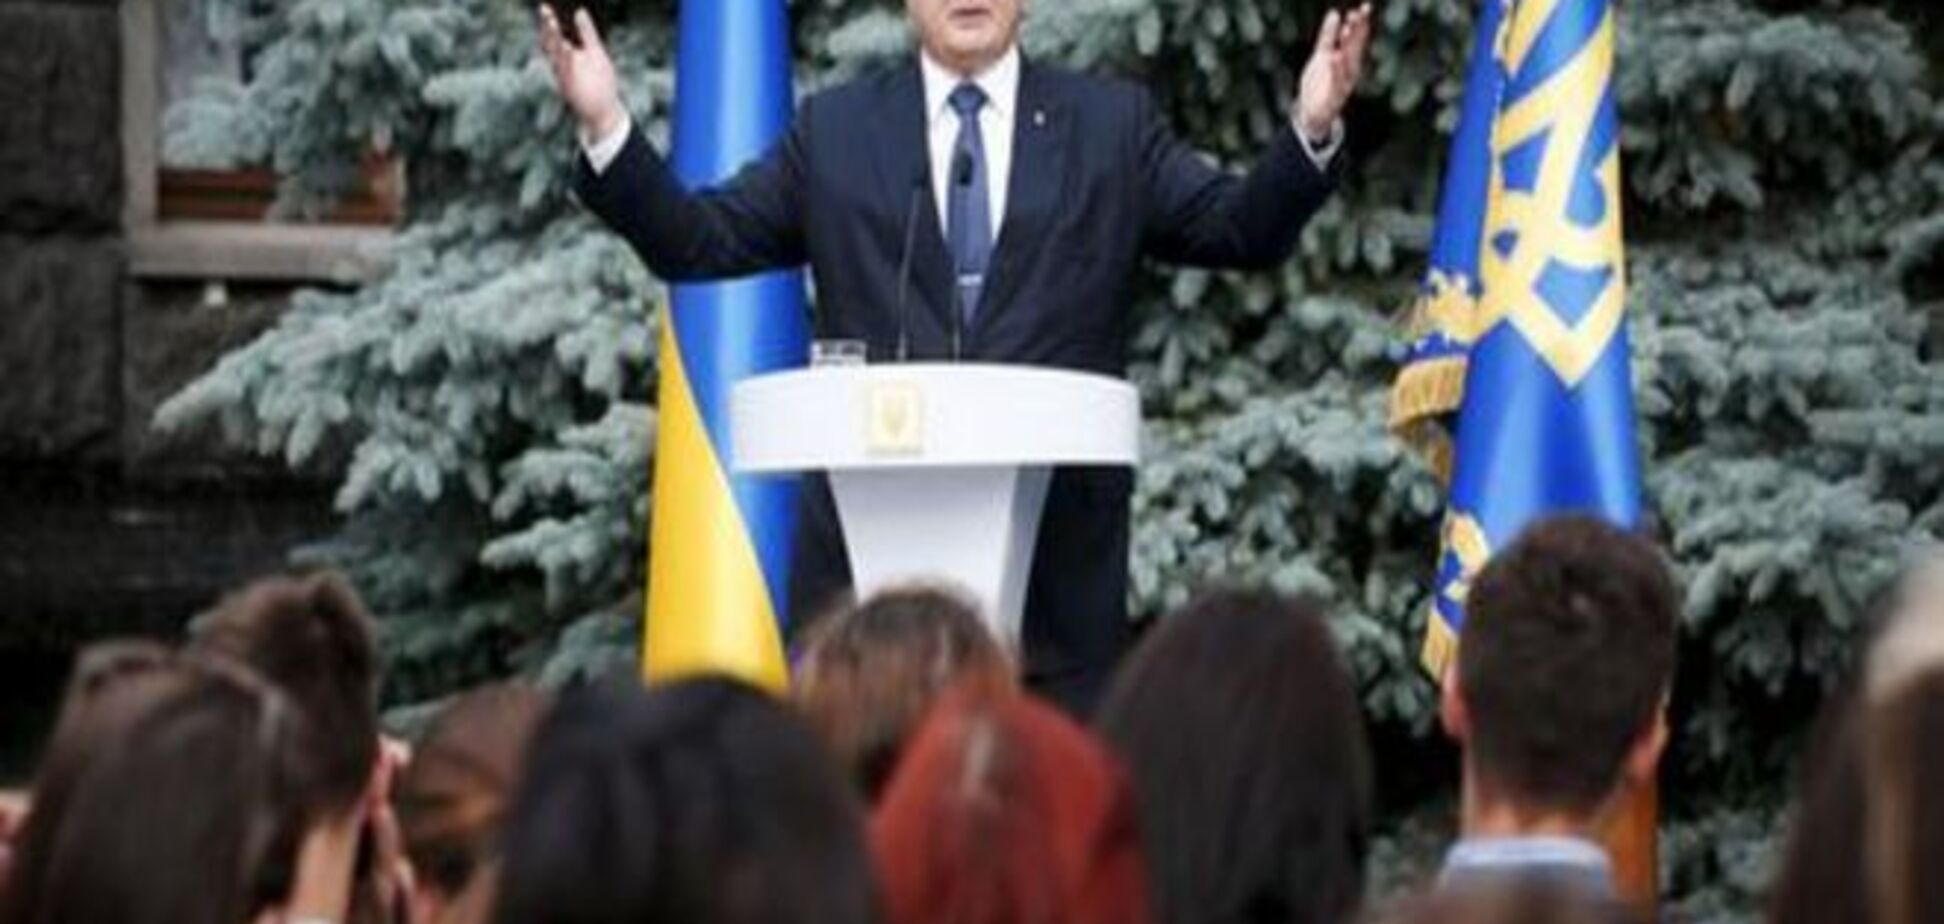 Порошенко представил проект конституционной реформы